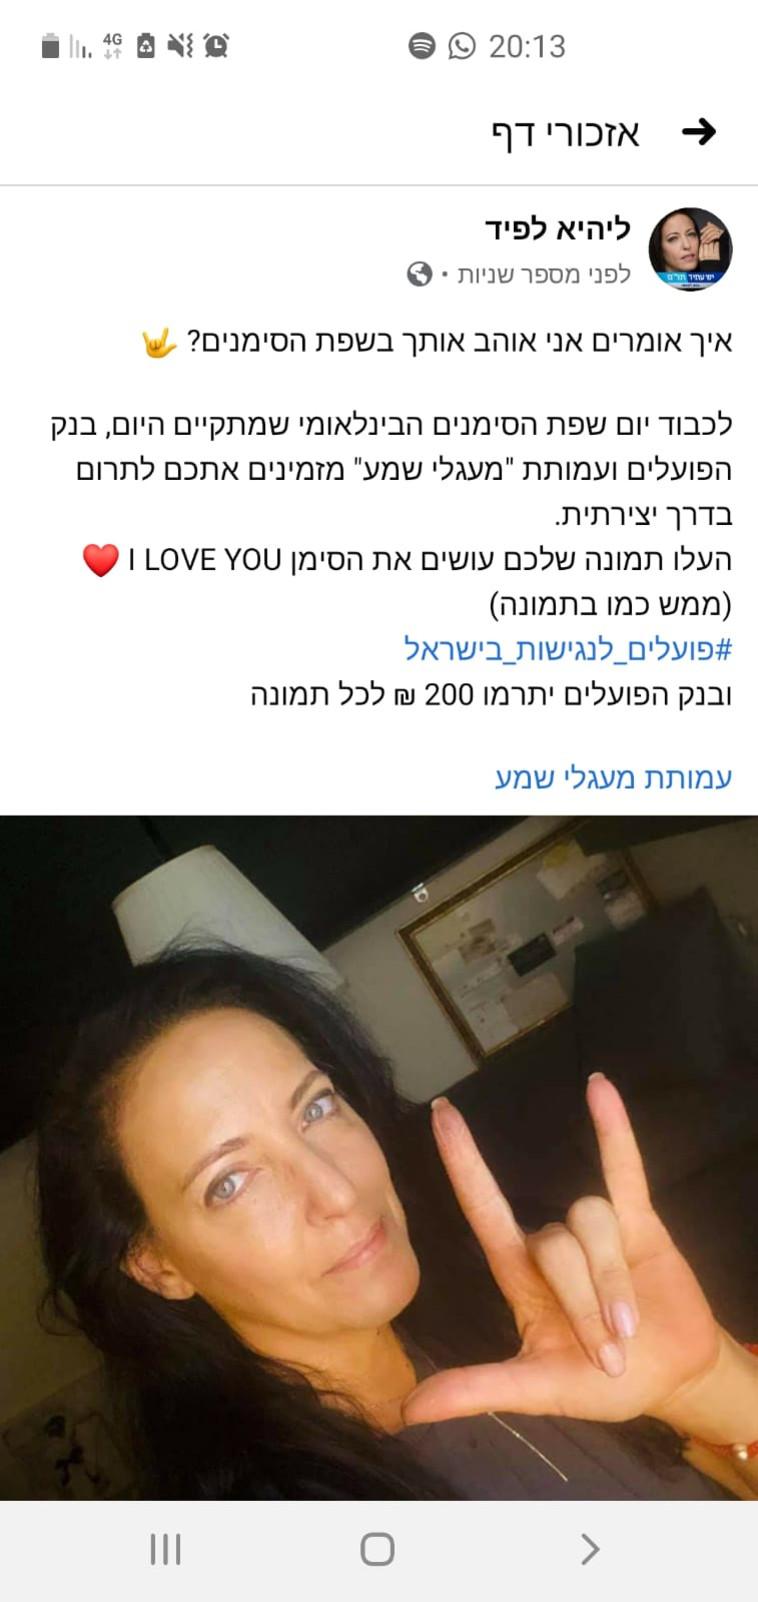 ליהיא לפיד אומרת ''אני אוהב אותך'' בשפת הסימנים (צילום: אינסטגרם)